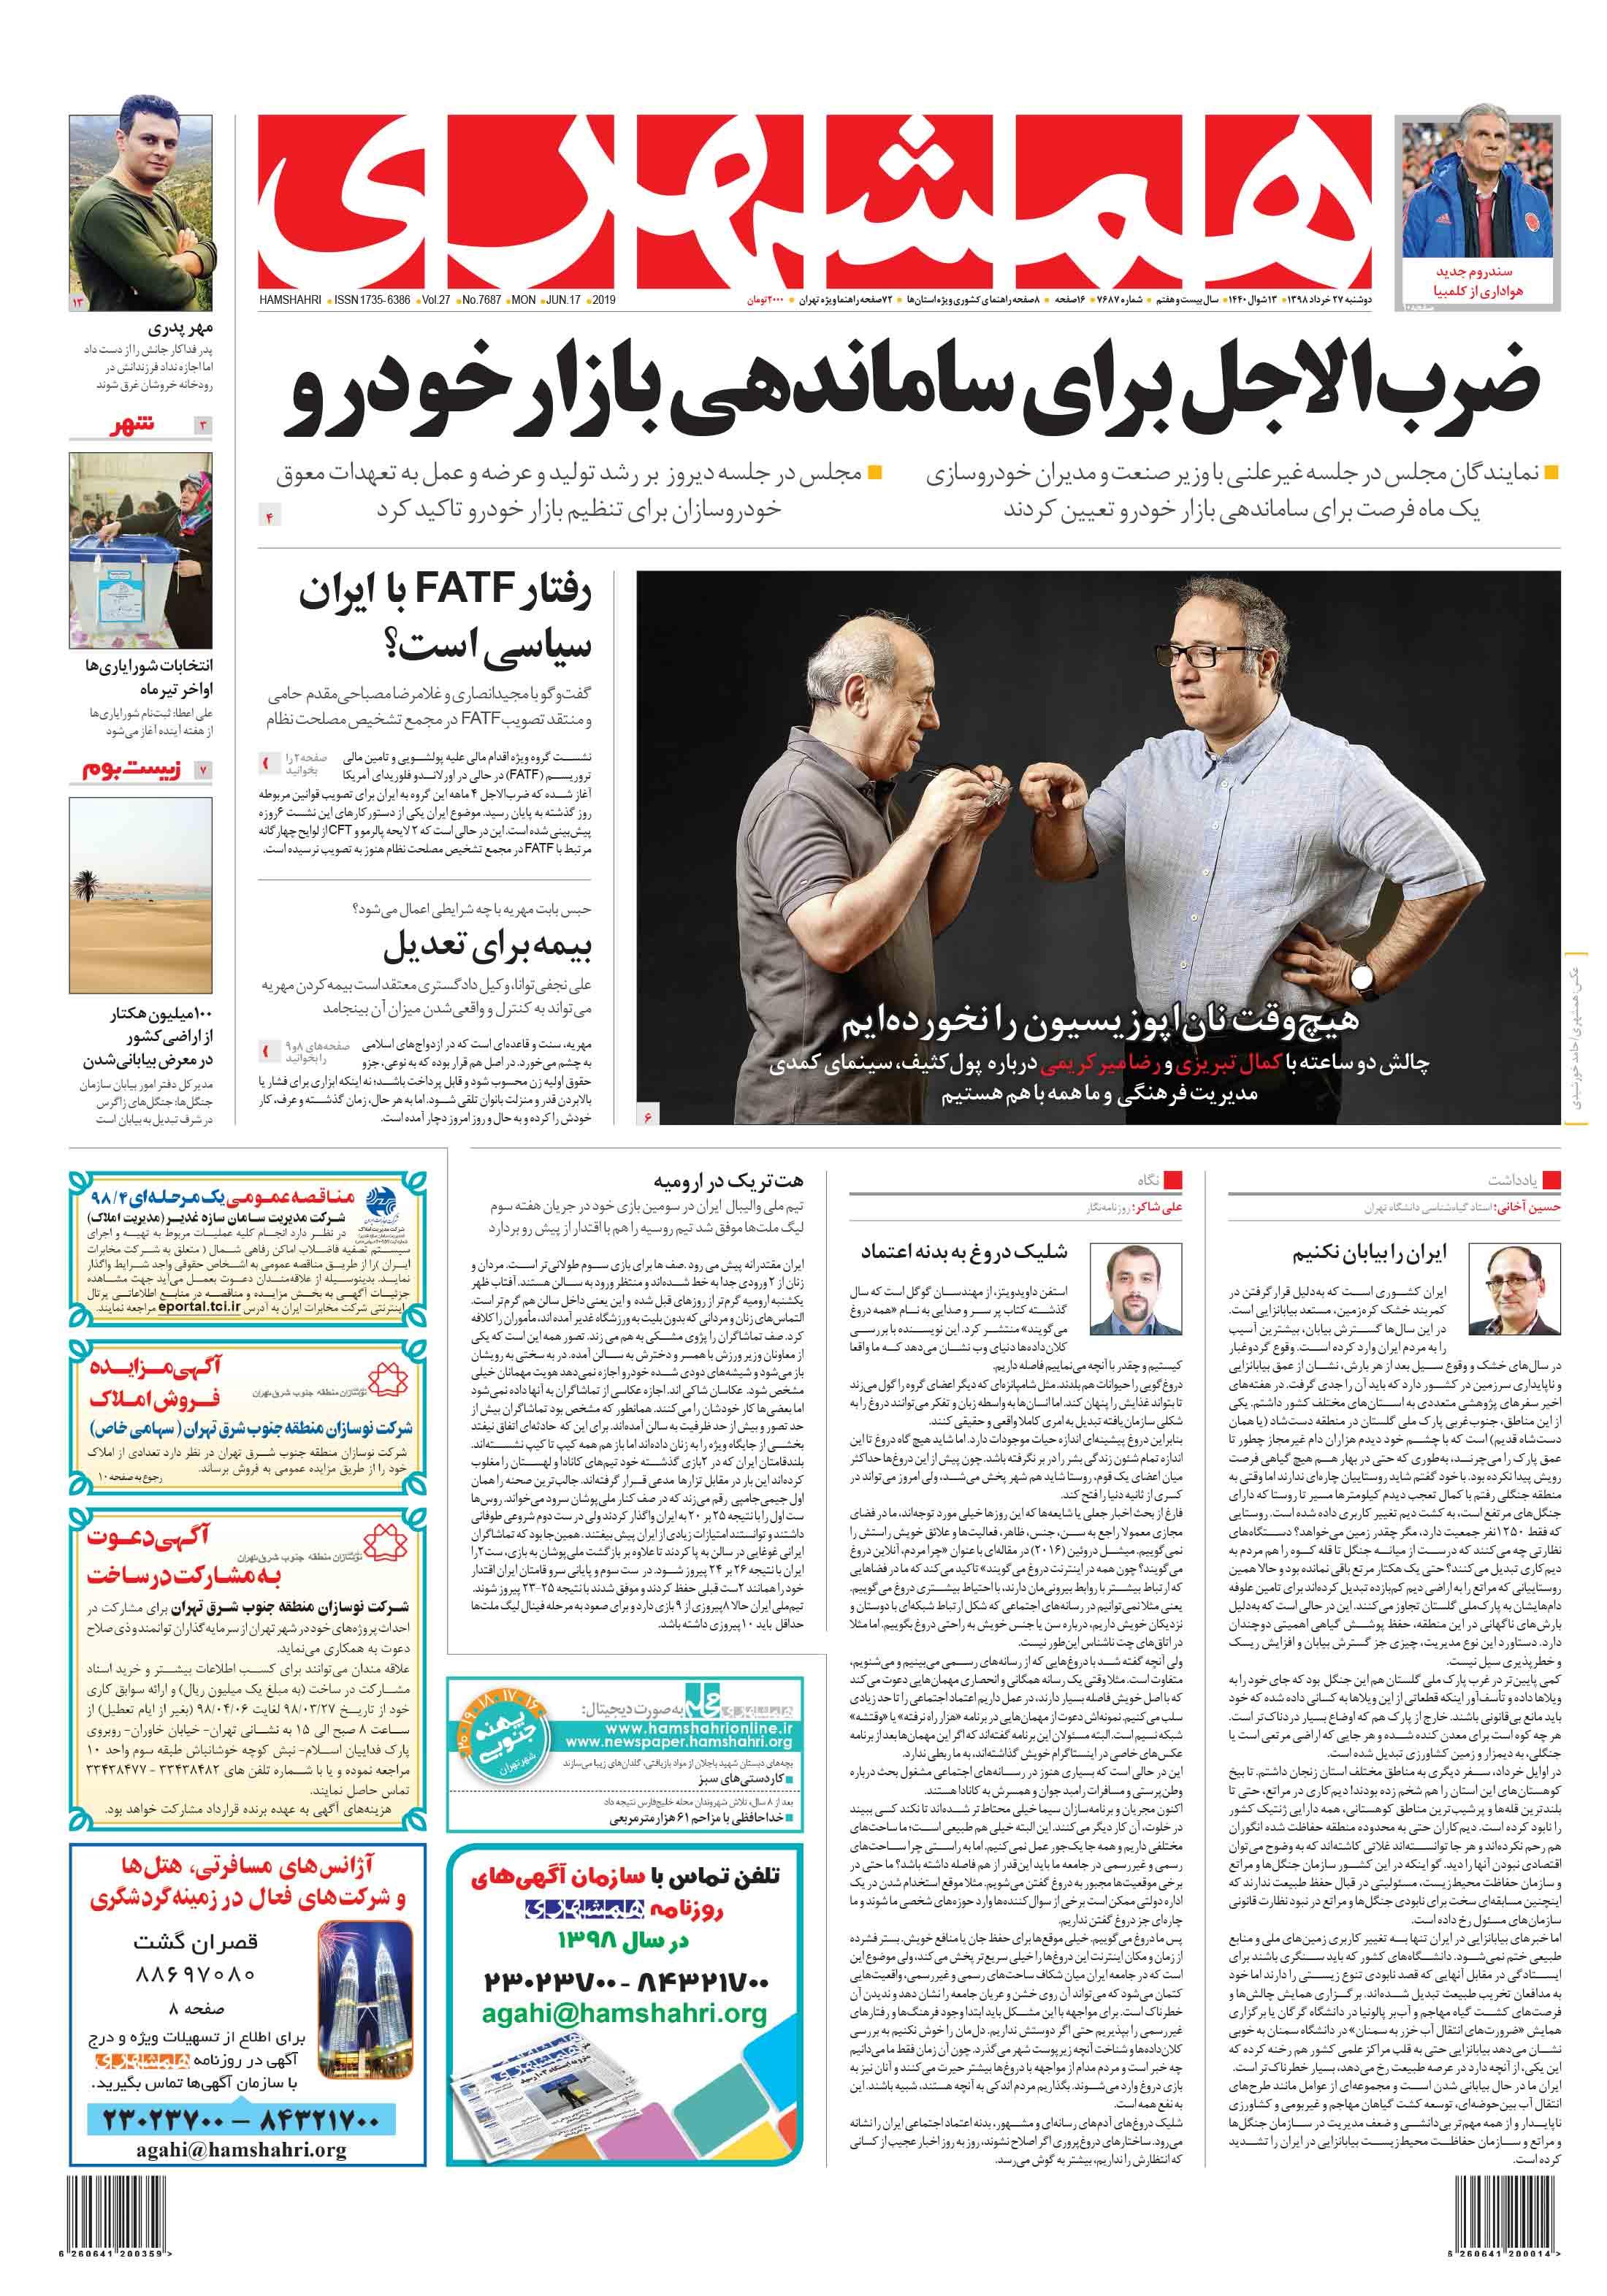 صفحه اول دوشنبه 27 خرداد 1398